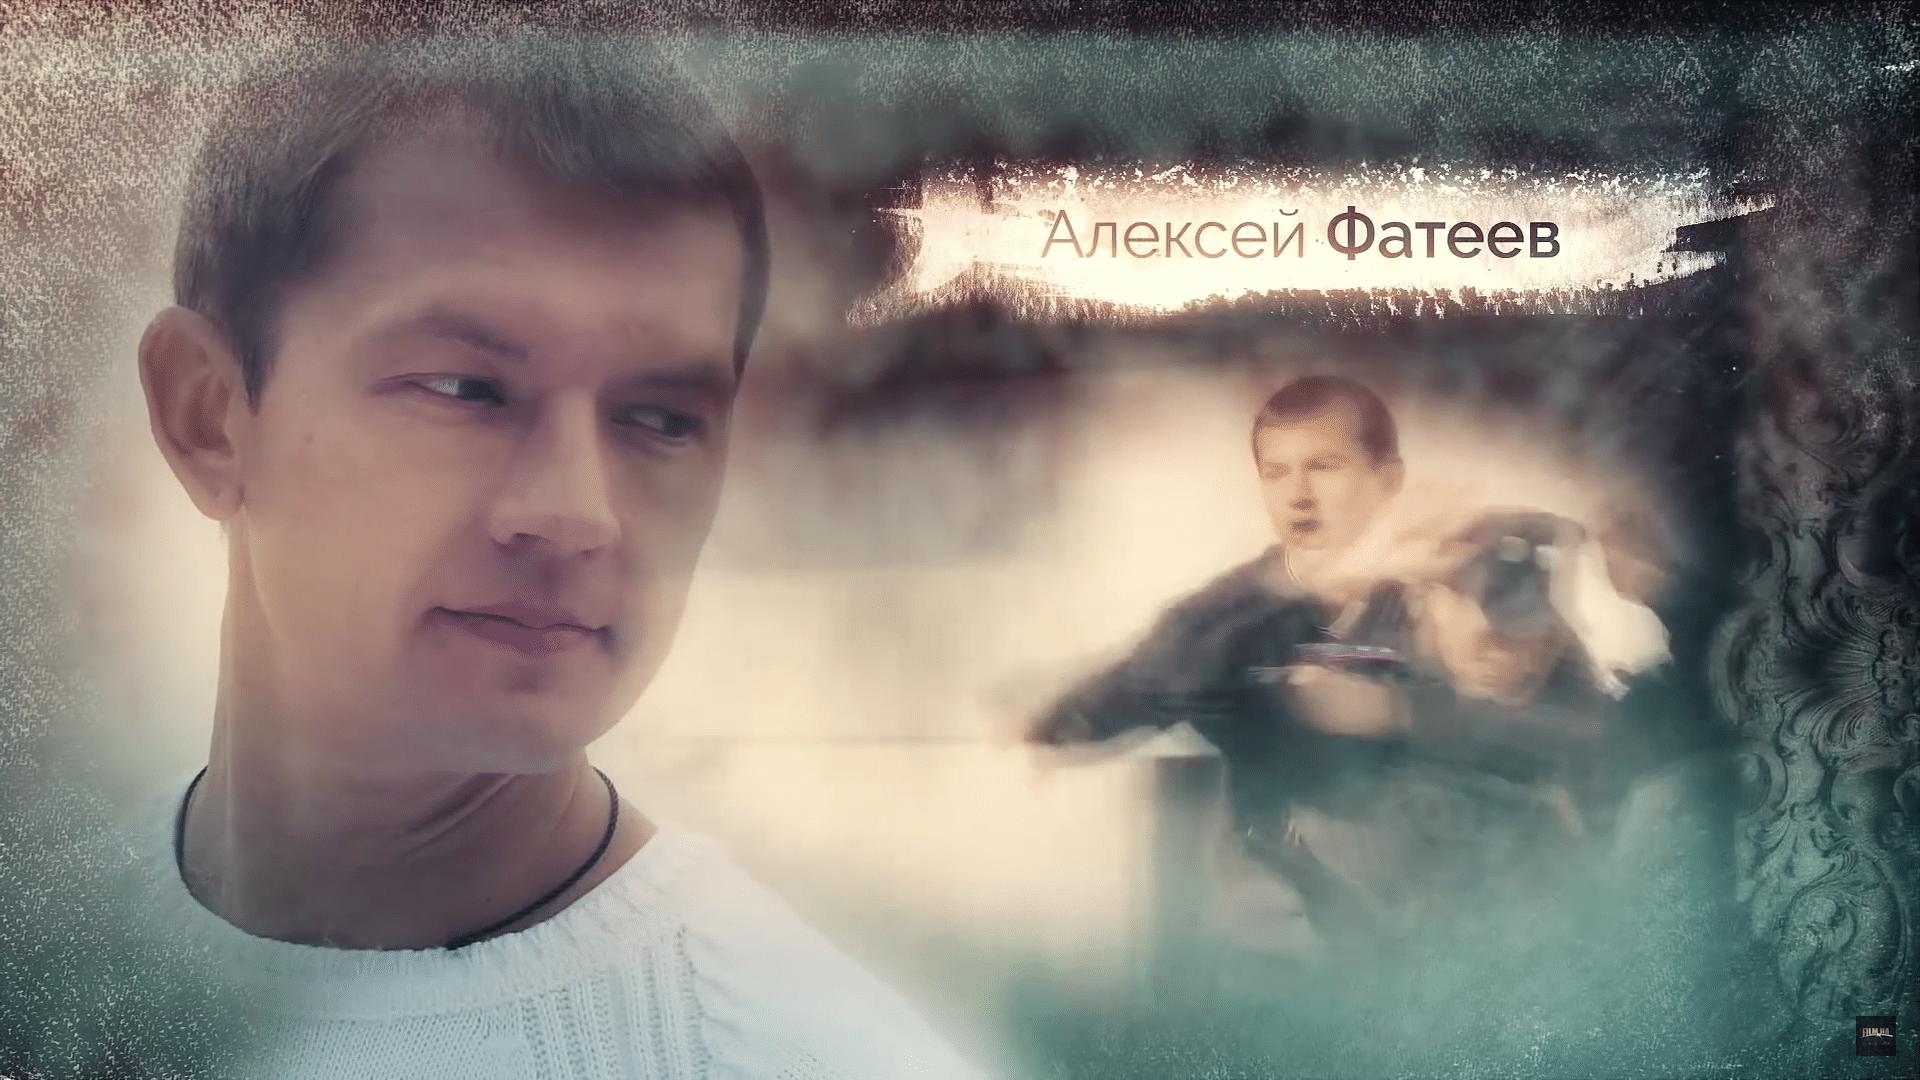 Алексей Фатеев - Сыгранная роль - Сергей Лакшин